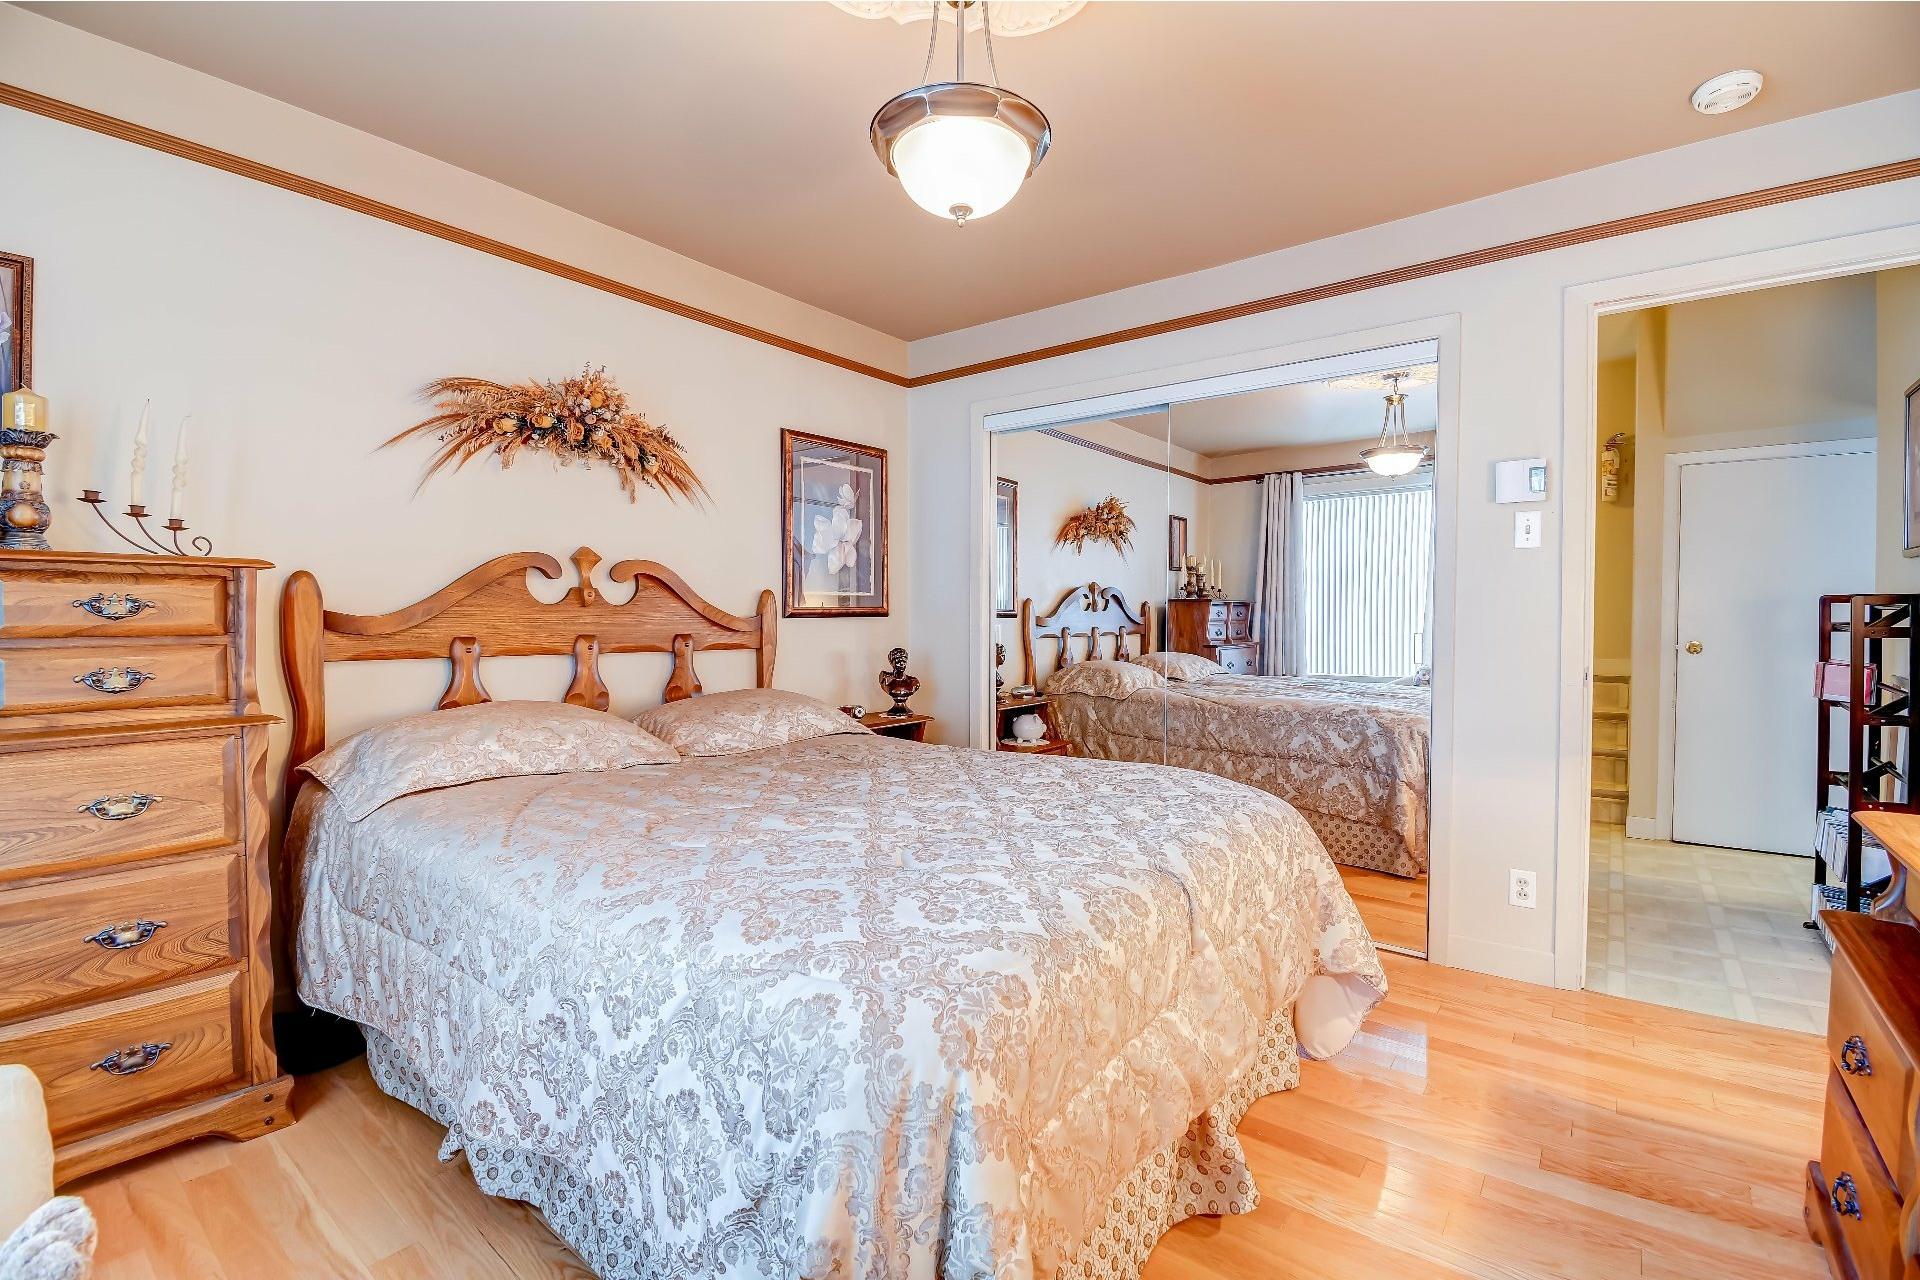 image 7 - Maison À vendre Trois-Rivières